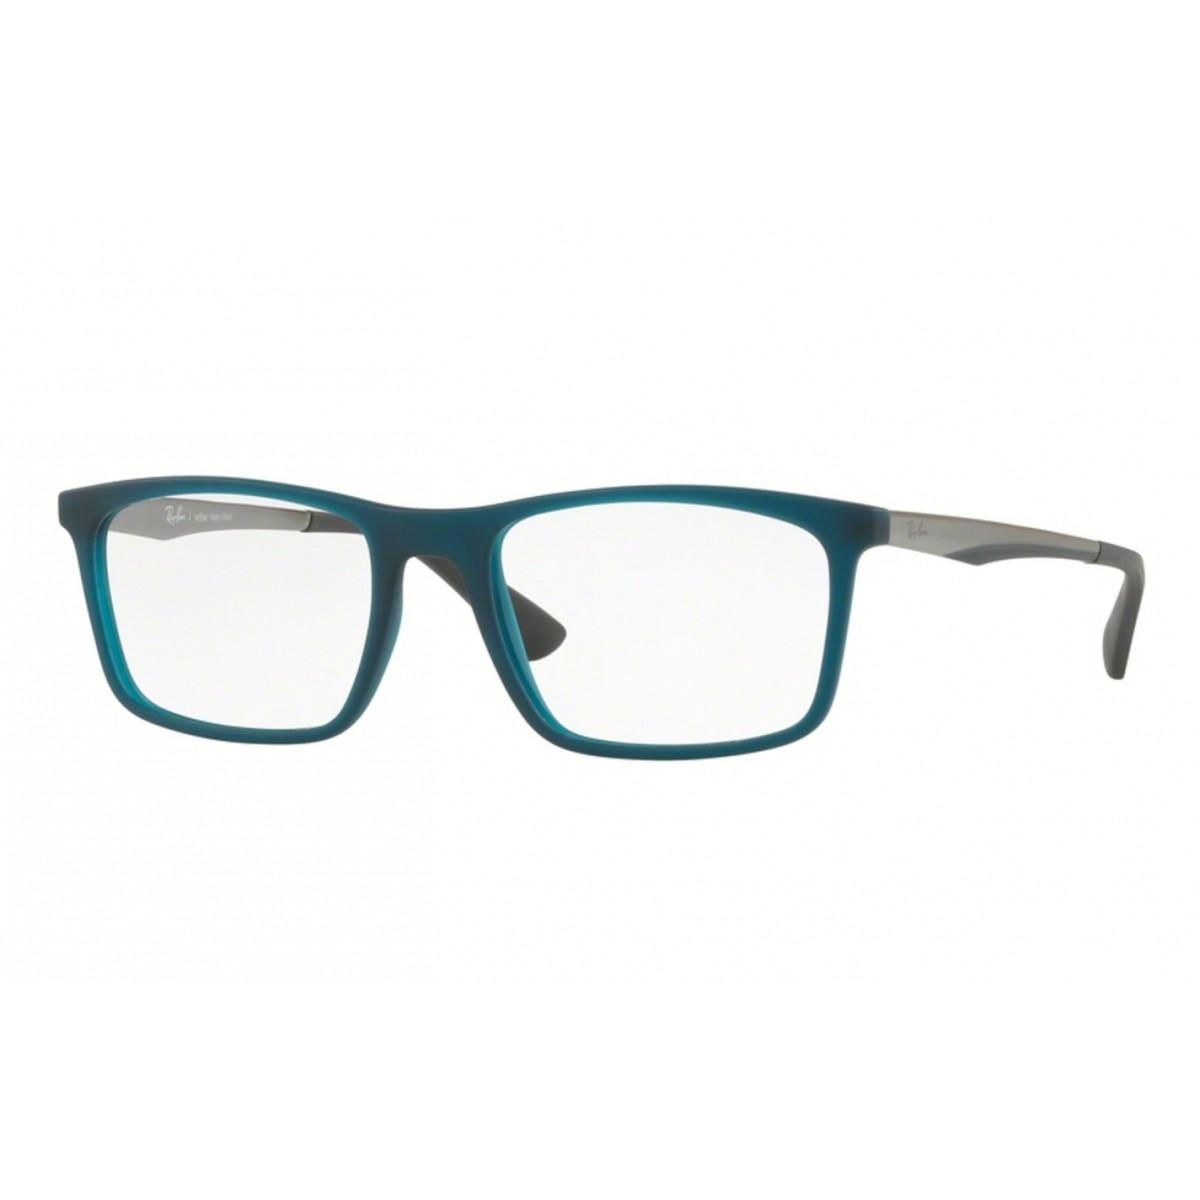 559ec7646de13 Óculos de Grau Ray Ban Masculino RB7134L 8035 Tam.53Ray Ban ...